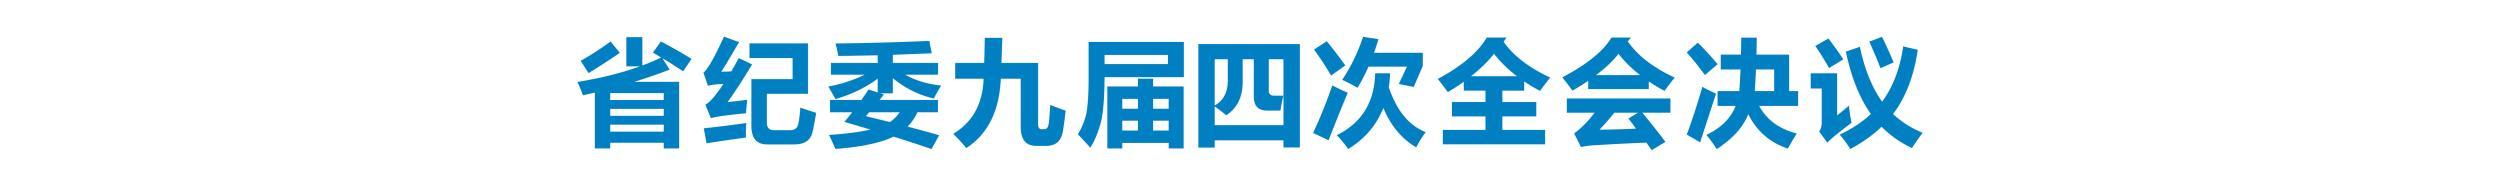 中国共产党河北省第九届纪律检查委员会第四次全体会议决议